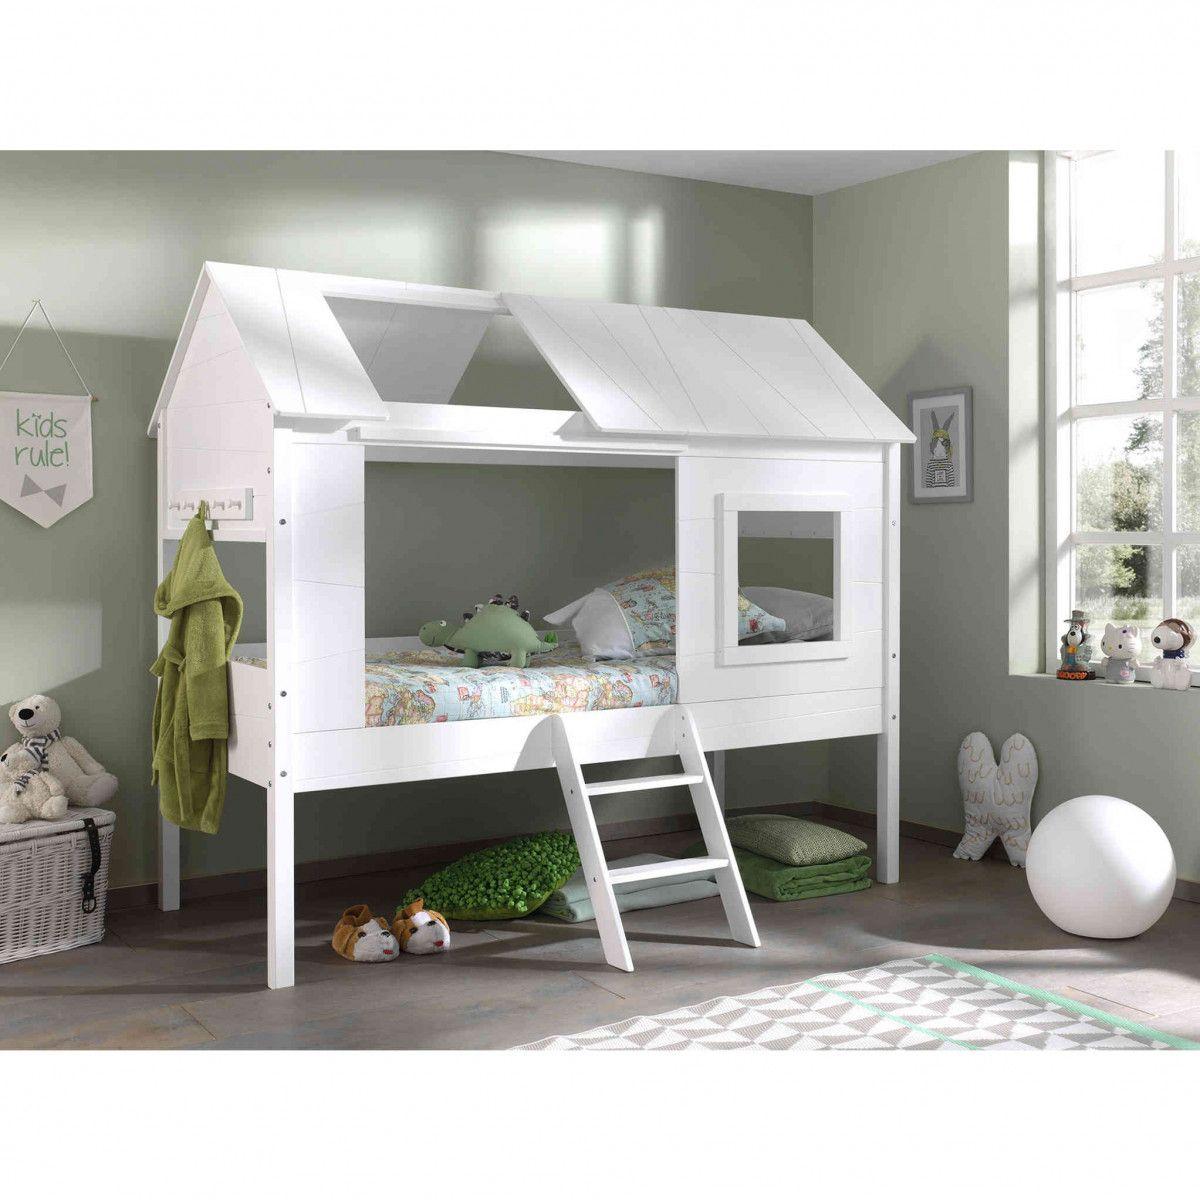 Chambre Lit Cabane Fille lit cabane pour chambre d'enfant - idée d'amènagement et de